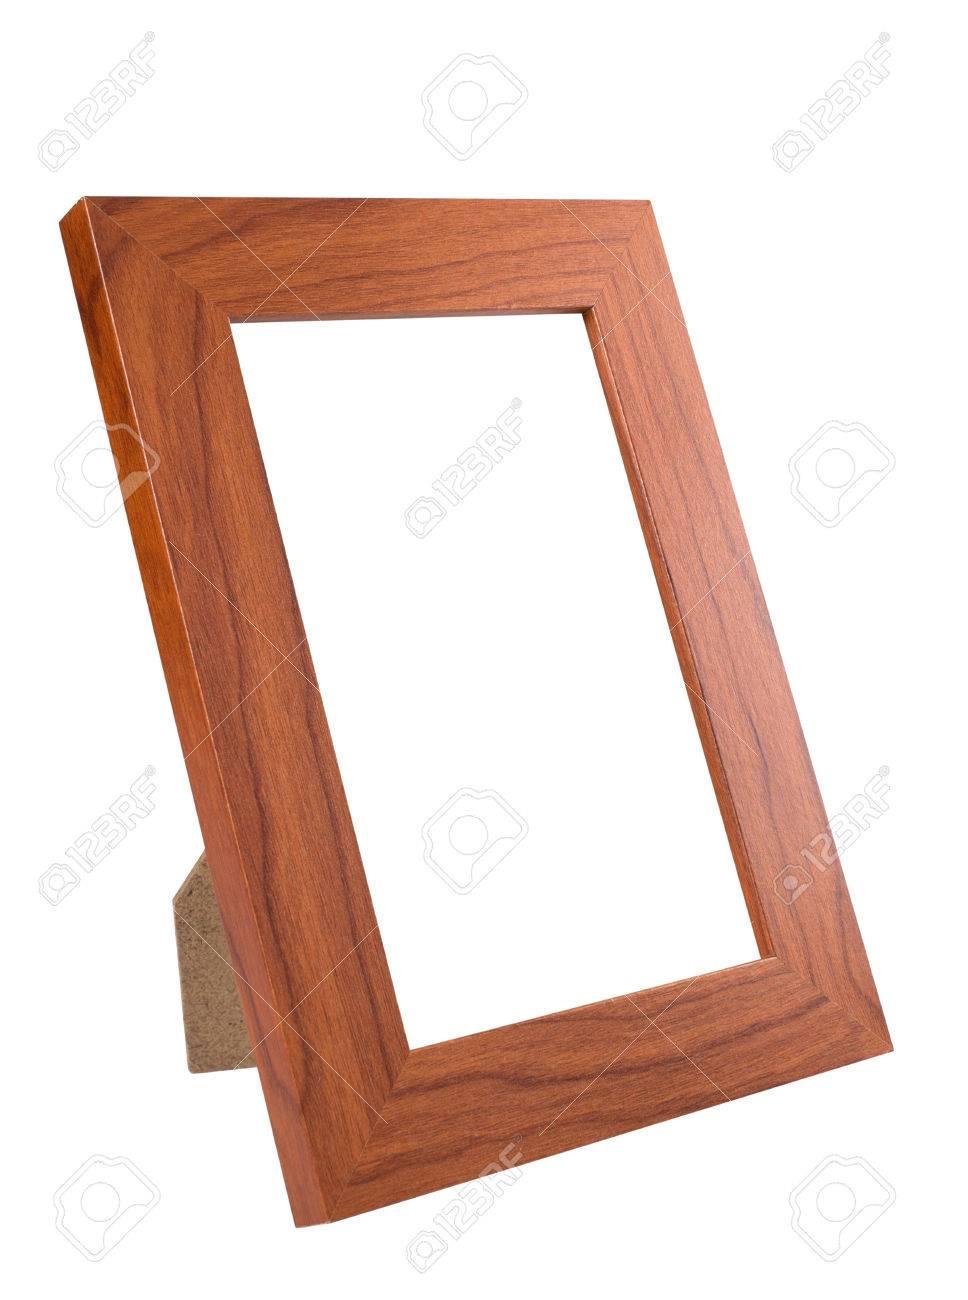 Wooden Desktop Picture (Foto) Rahmen Isoliert Auf Weißem Hintergrund ...